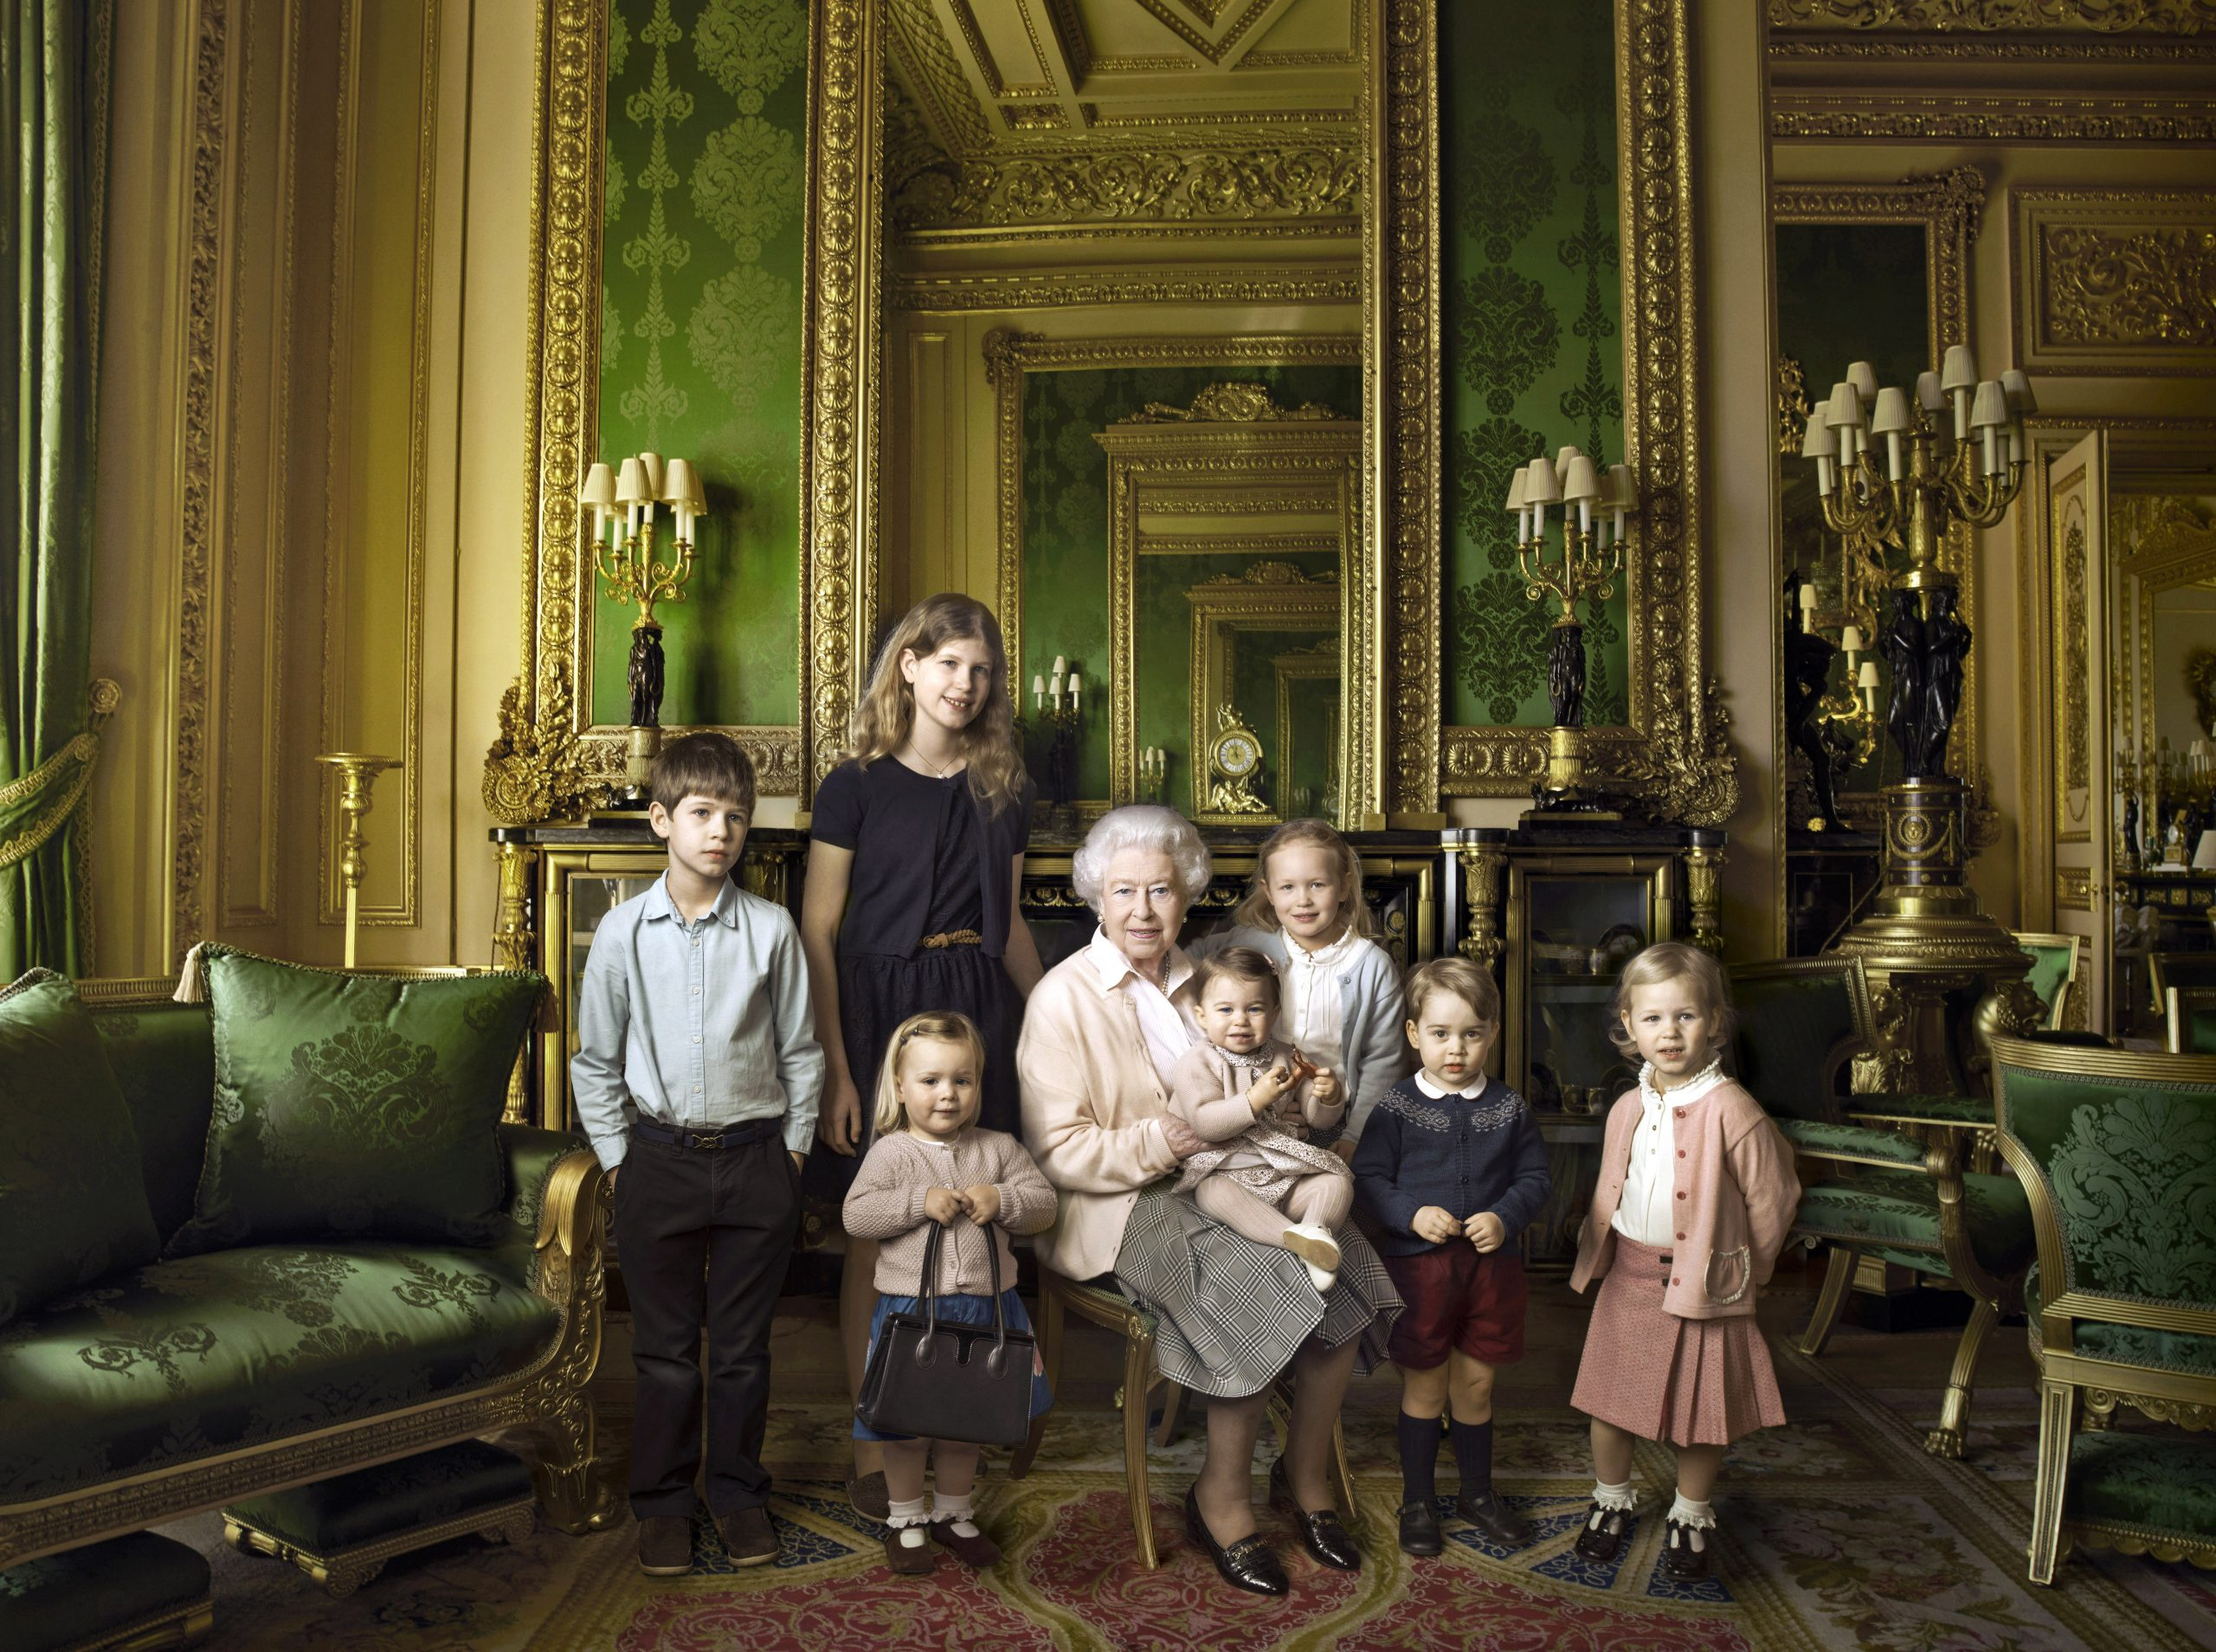 La reina junto a sus dos nietos más jóvenes y sus cinco tataranietos, entre los que figuran el Príncipe George y la Princesa Charlotte.